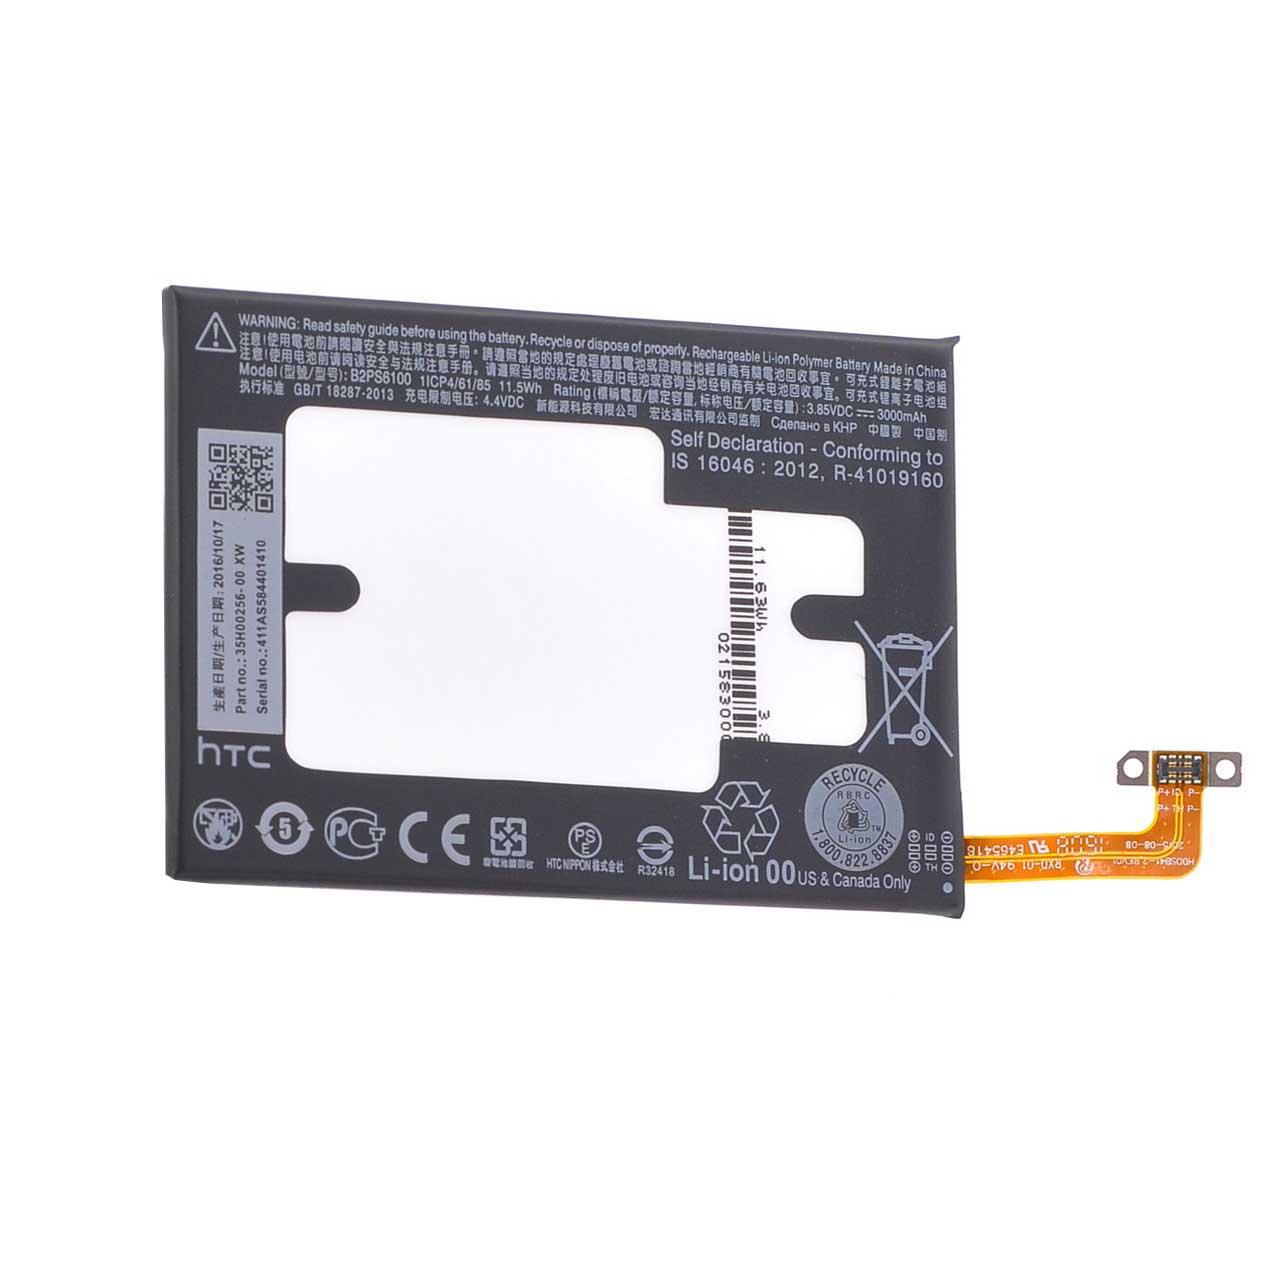 باتری موبایل اچ تی سی مدل B2PS6100 ظرفیت 3000 میلی آمپر ساعت مناسب گوشی اچ تی سی HTC ONE M10